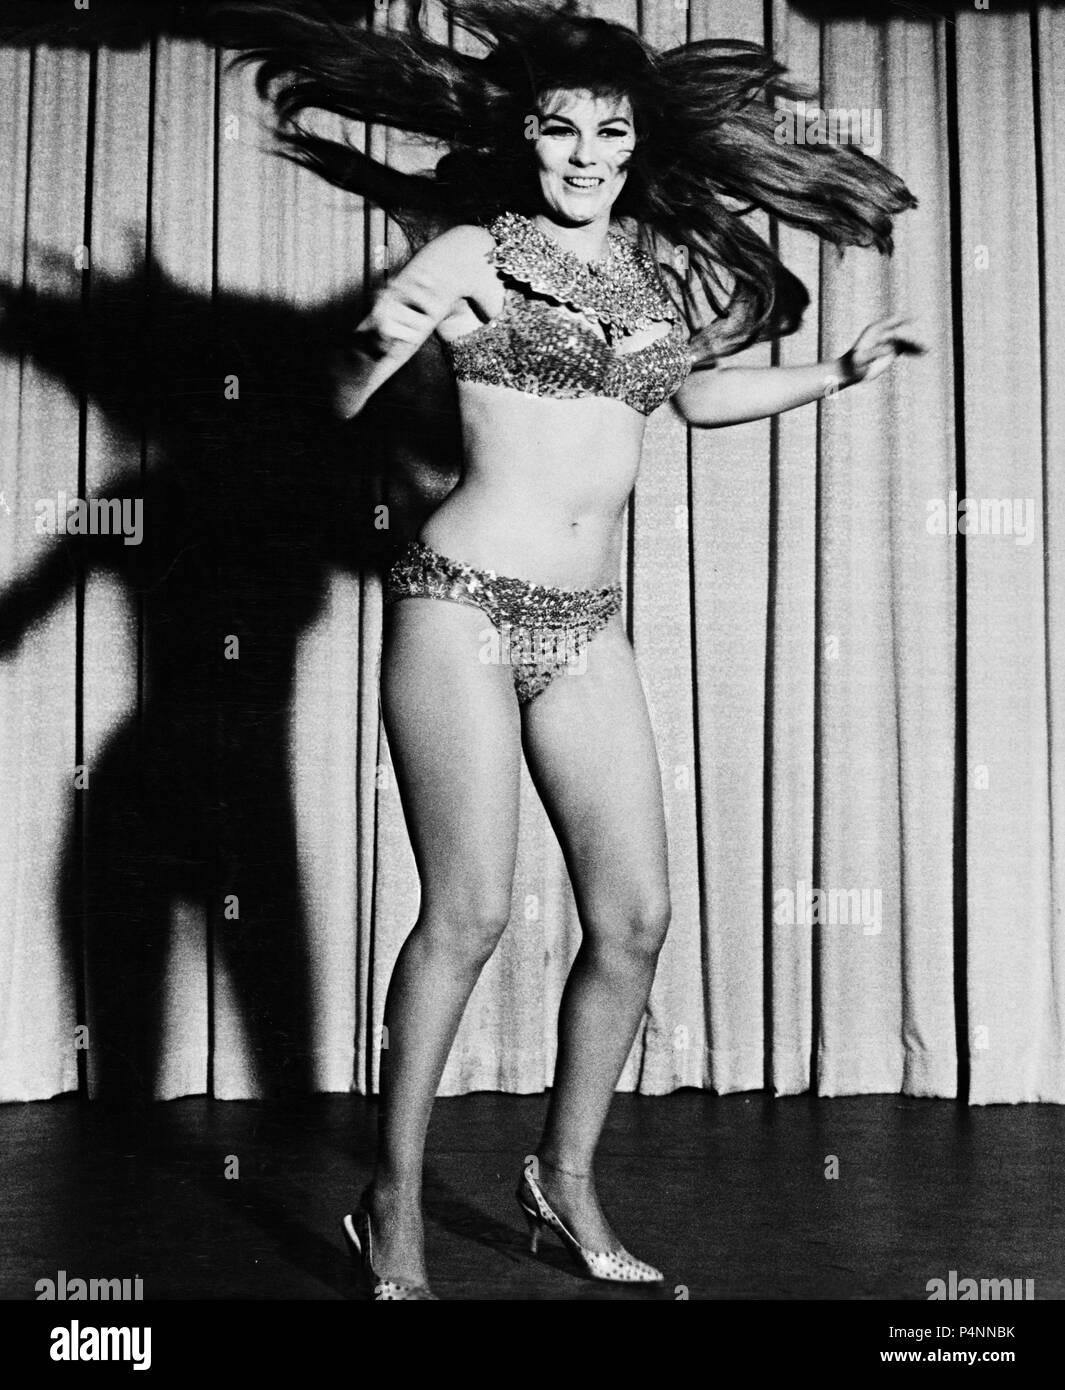 Ann margaret swinger